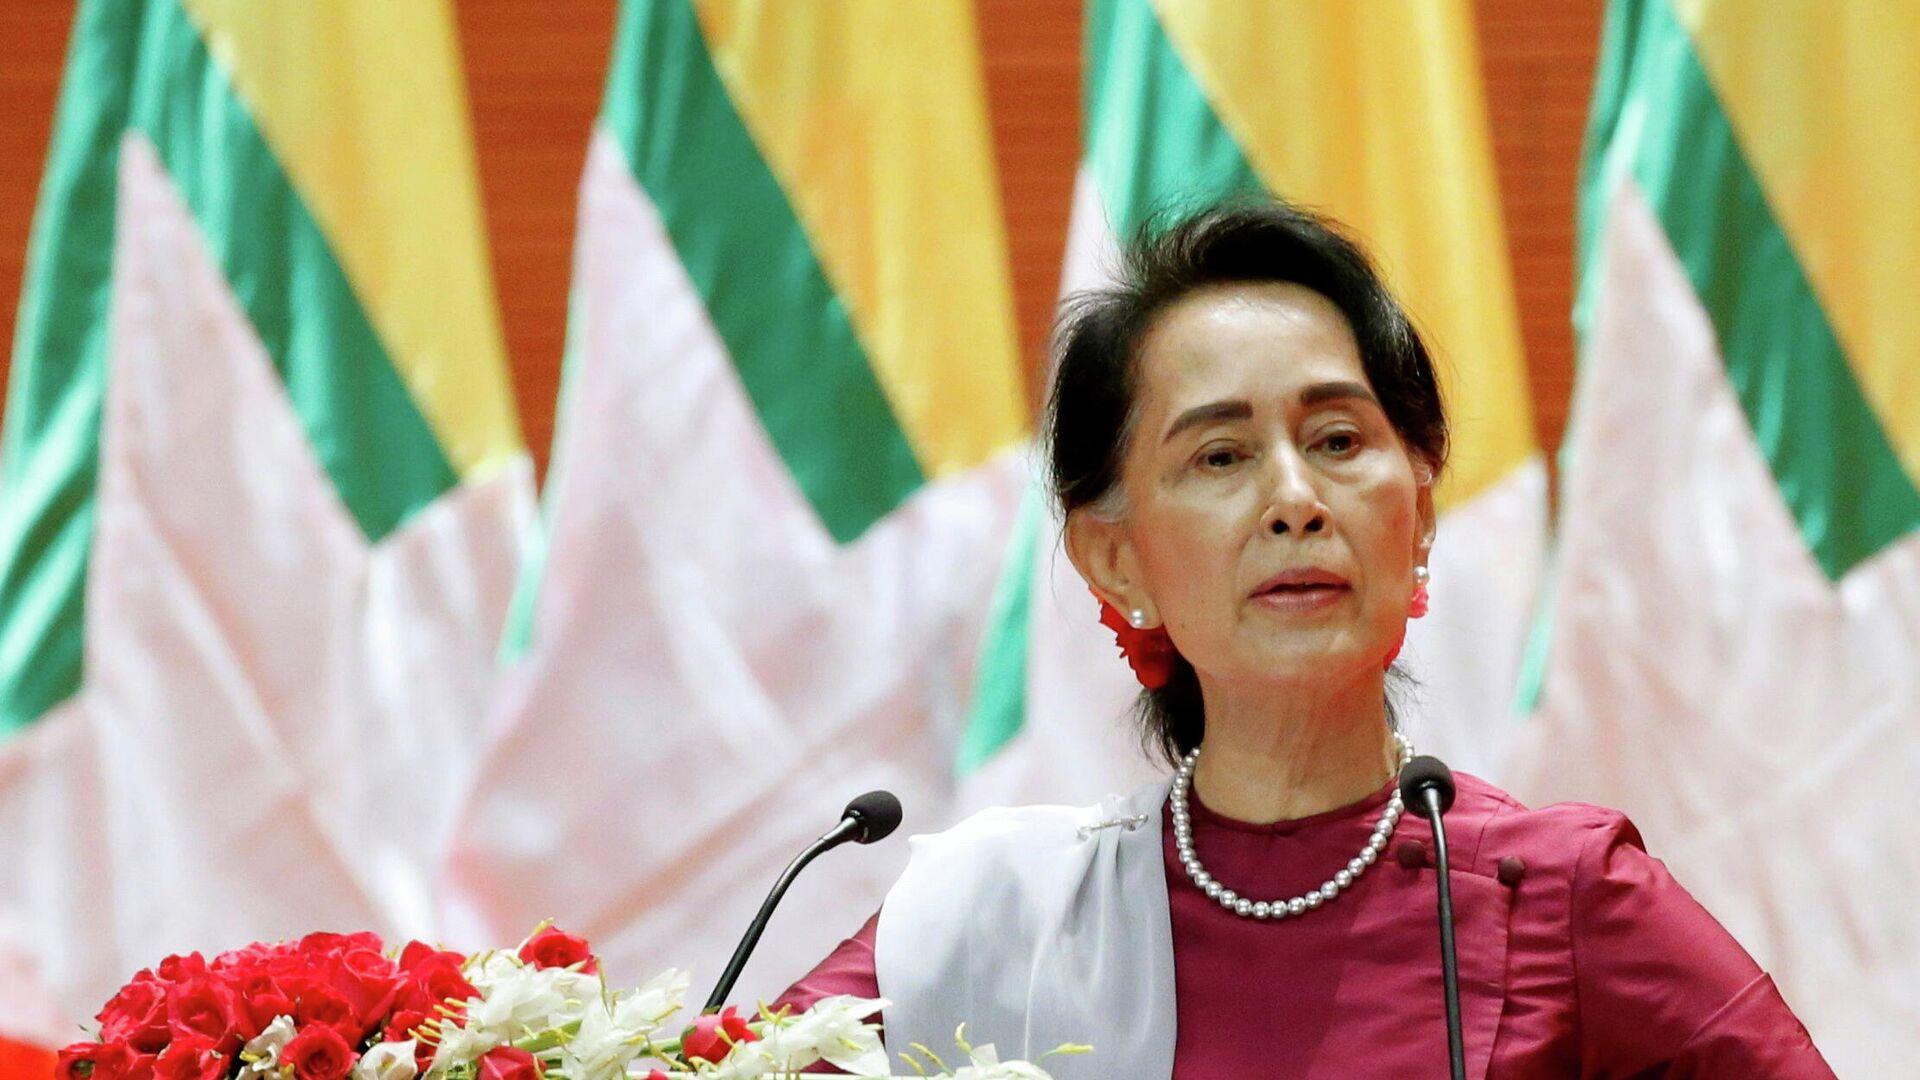 Государственный советник Республики Союз Мьянмы Аун Сан Су Чжи - РИА Новости, 1920, 16.02.2021